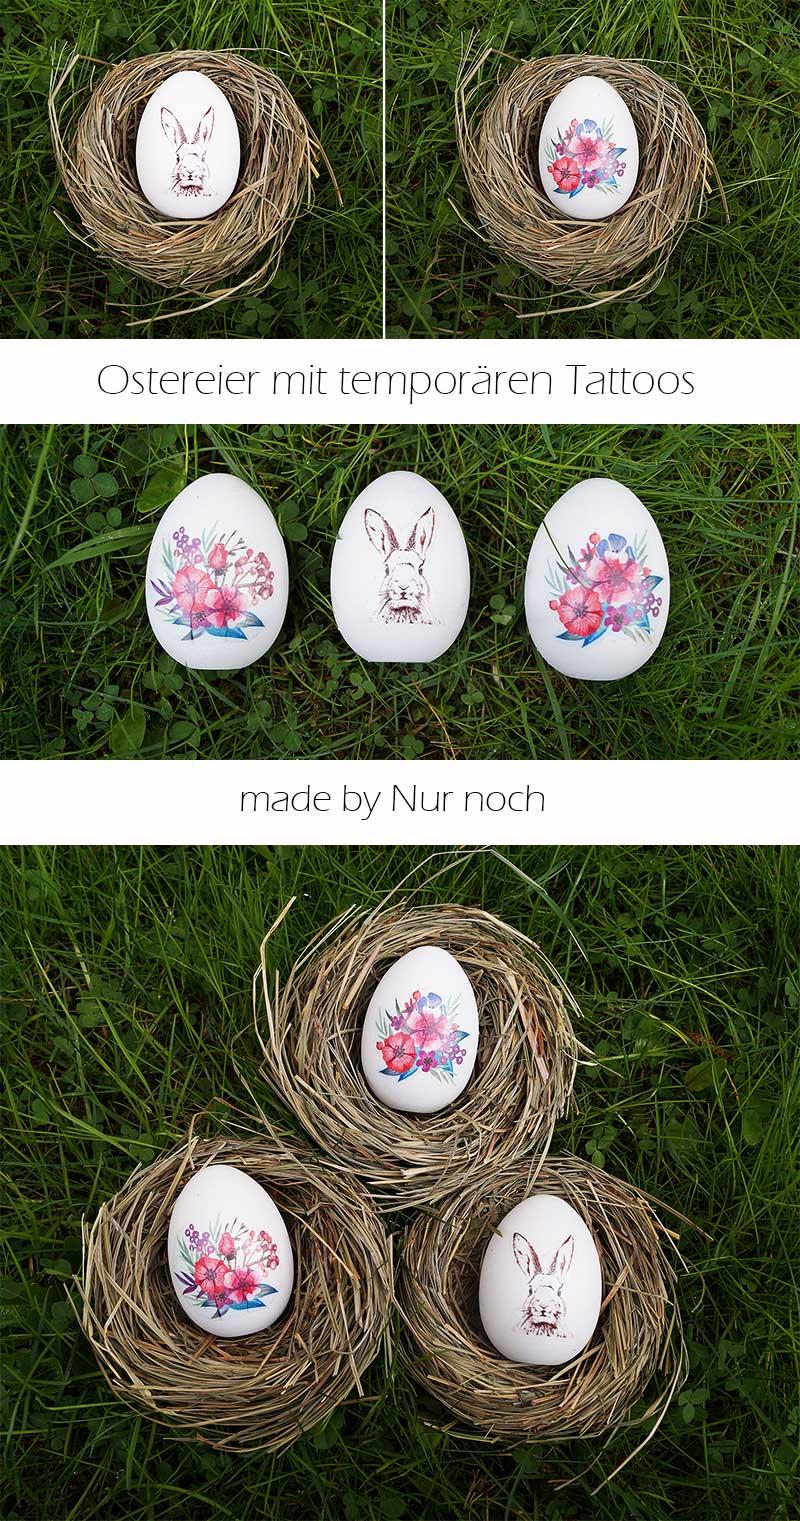 Tattoos auf Ostereiern by Nur noch